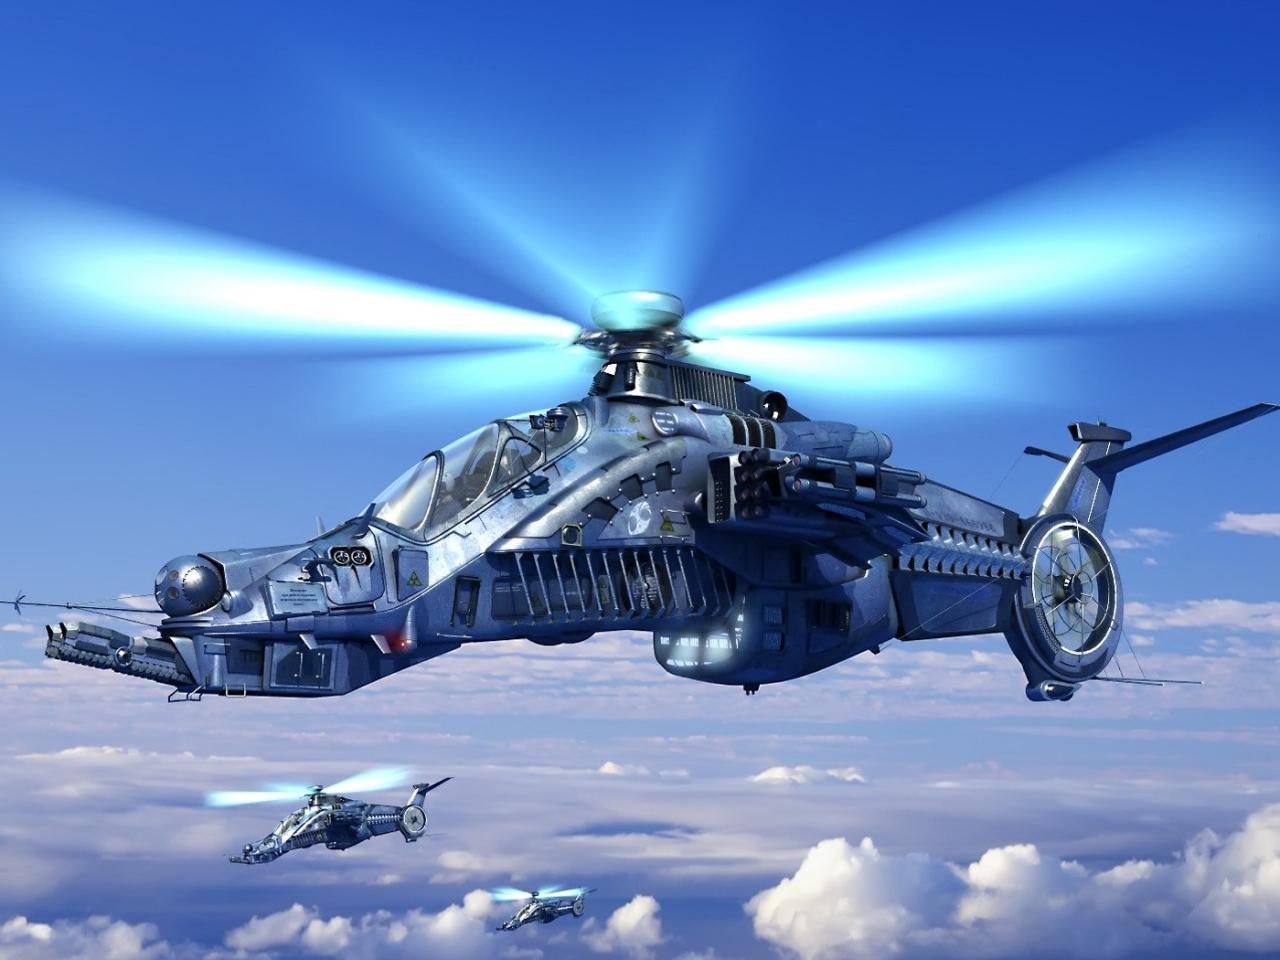 Helicóptero de videojuegos - 1280x960